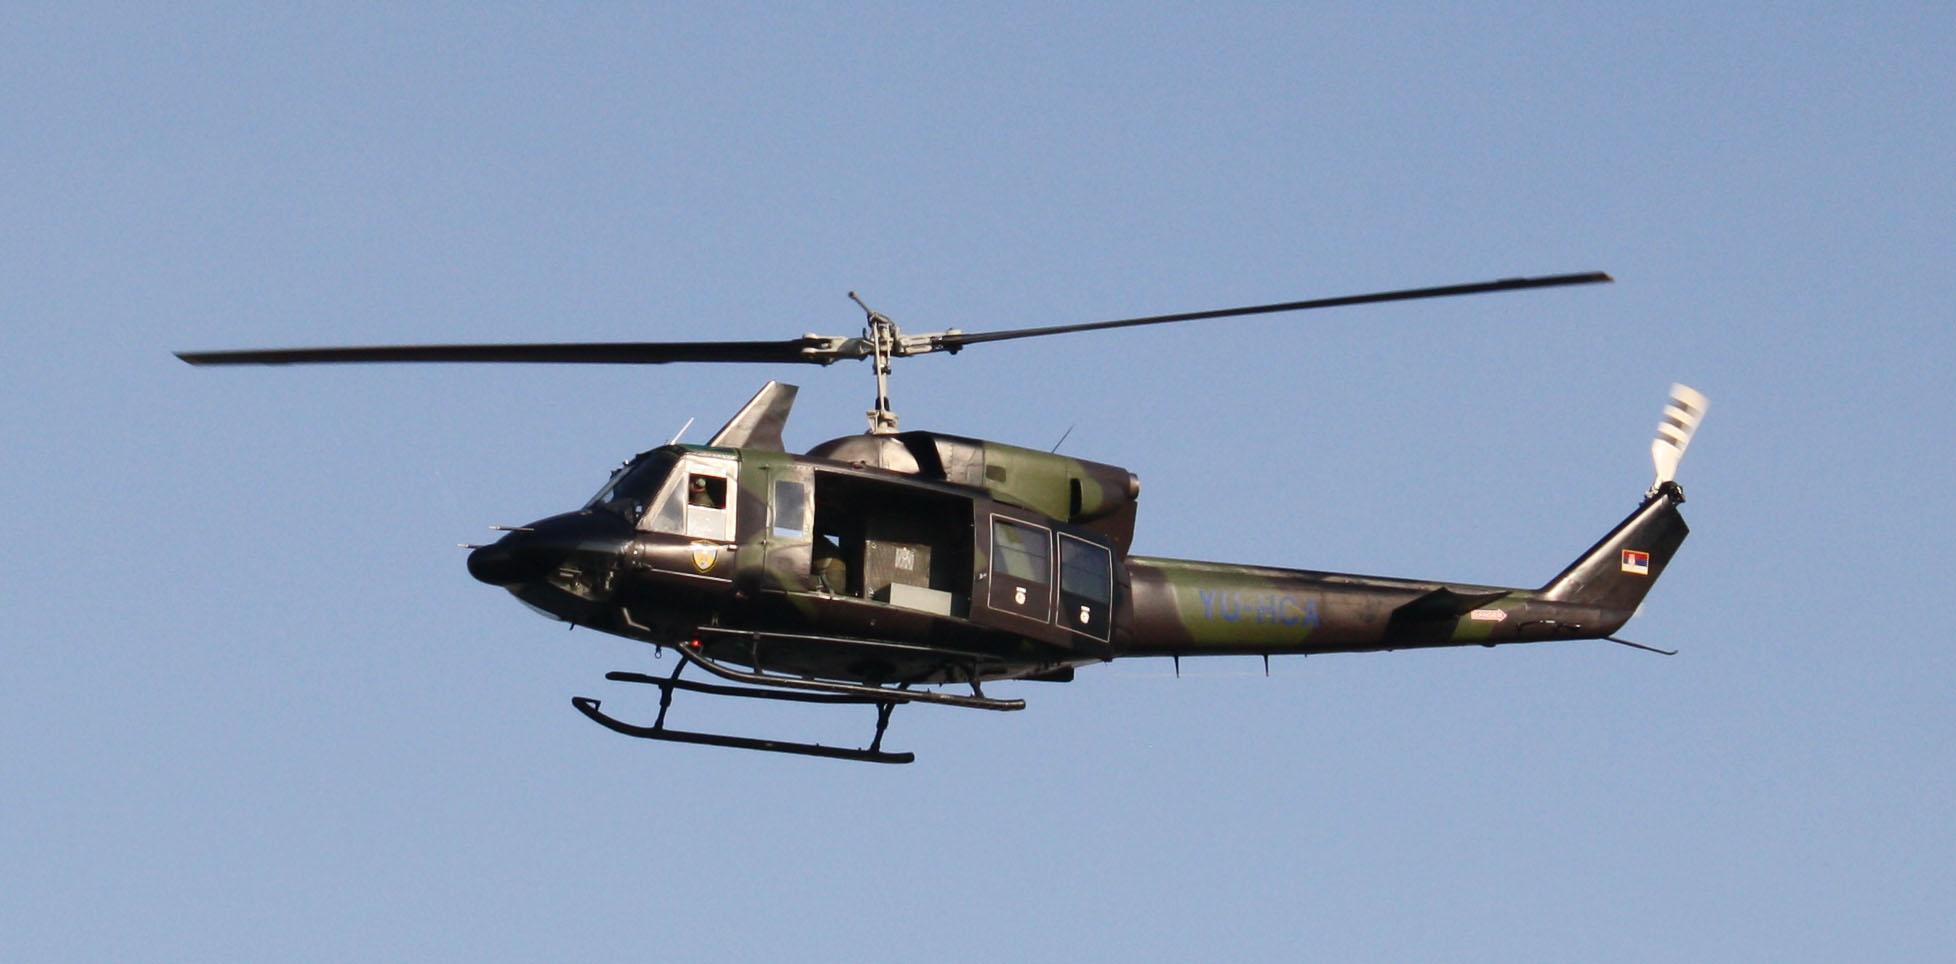 Elicottero Wikipedia : File ab yu hca mup srbije g wikimedia commons